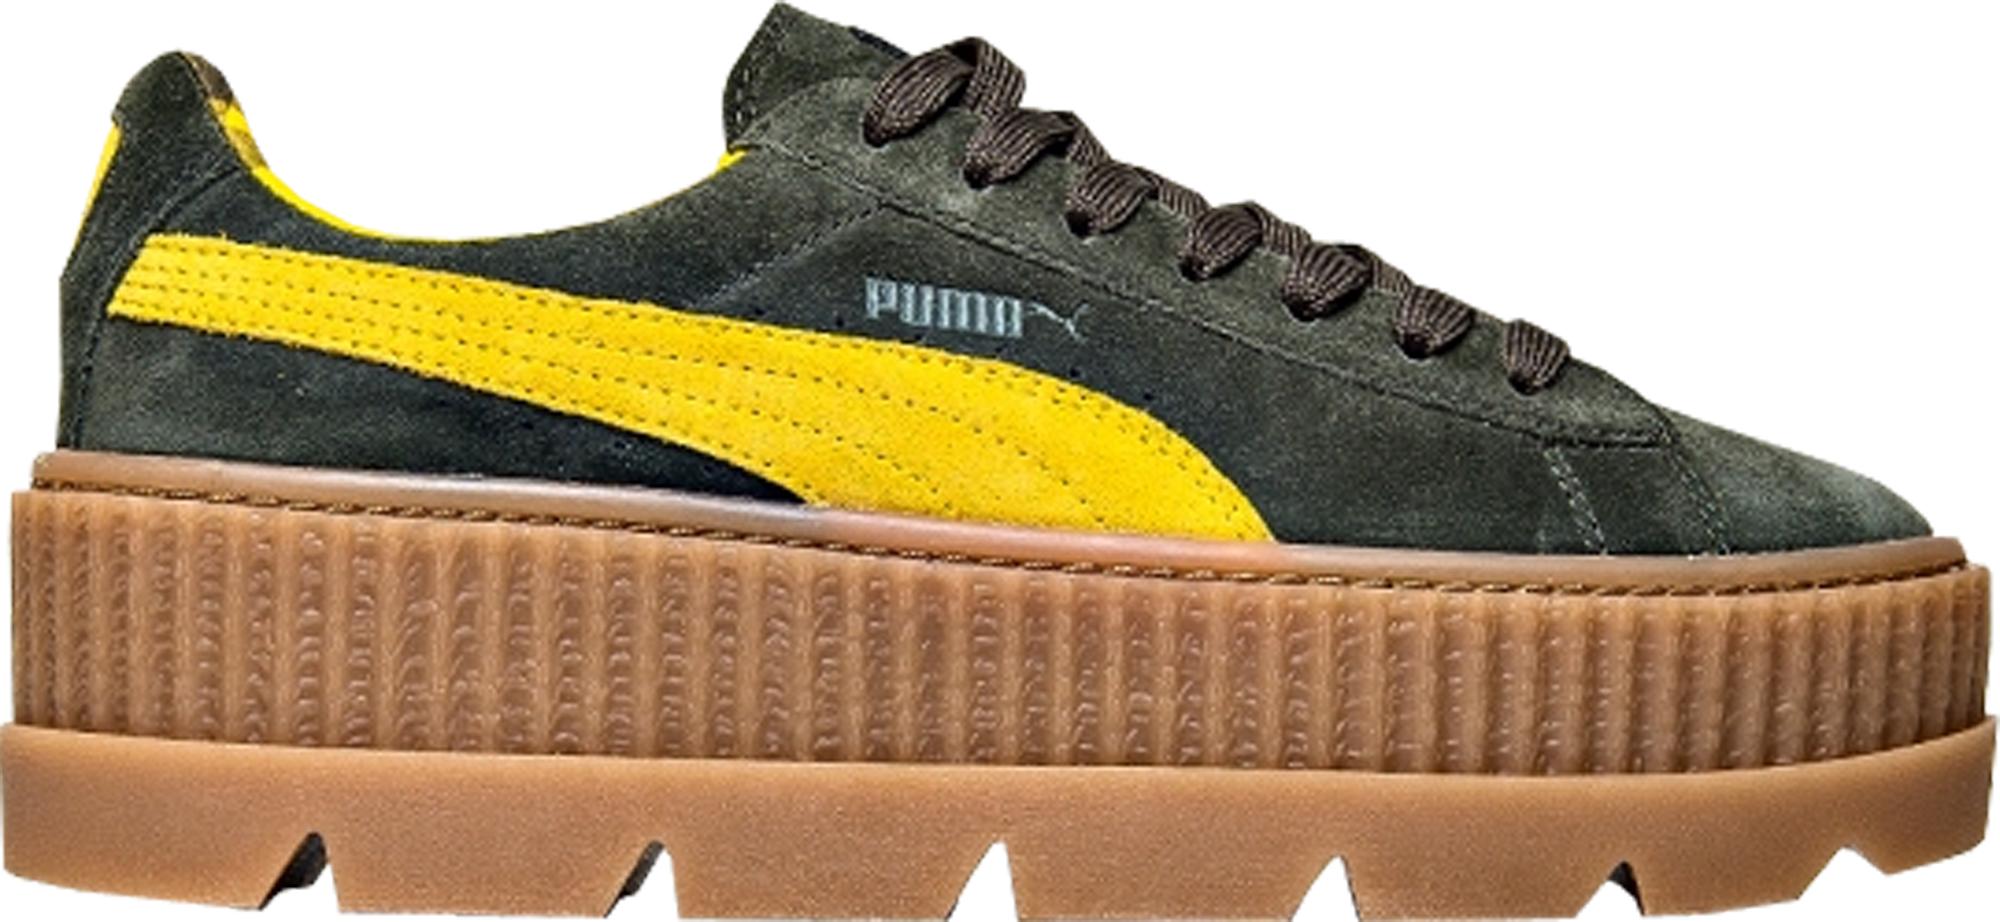 Puma Cleated Creeper Rihanna Fenty Suede Green (W)